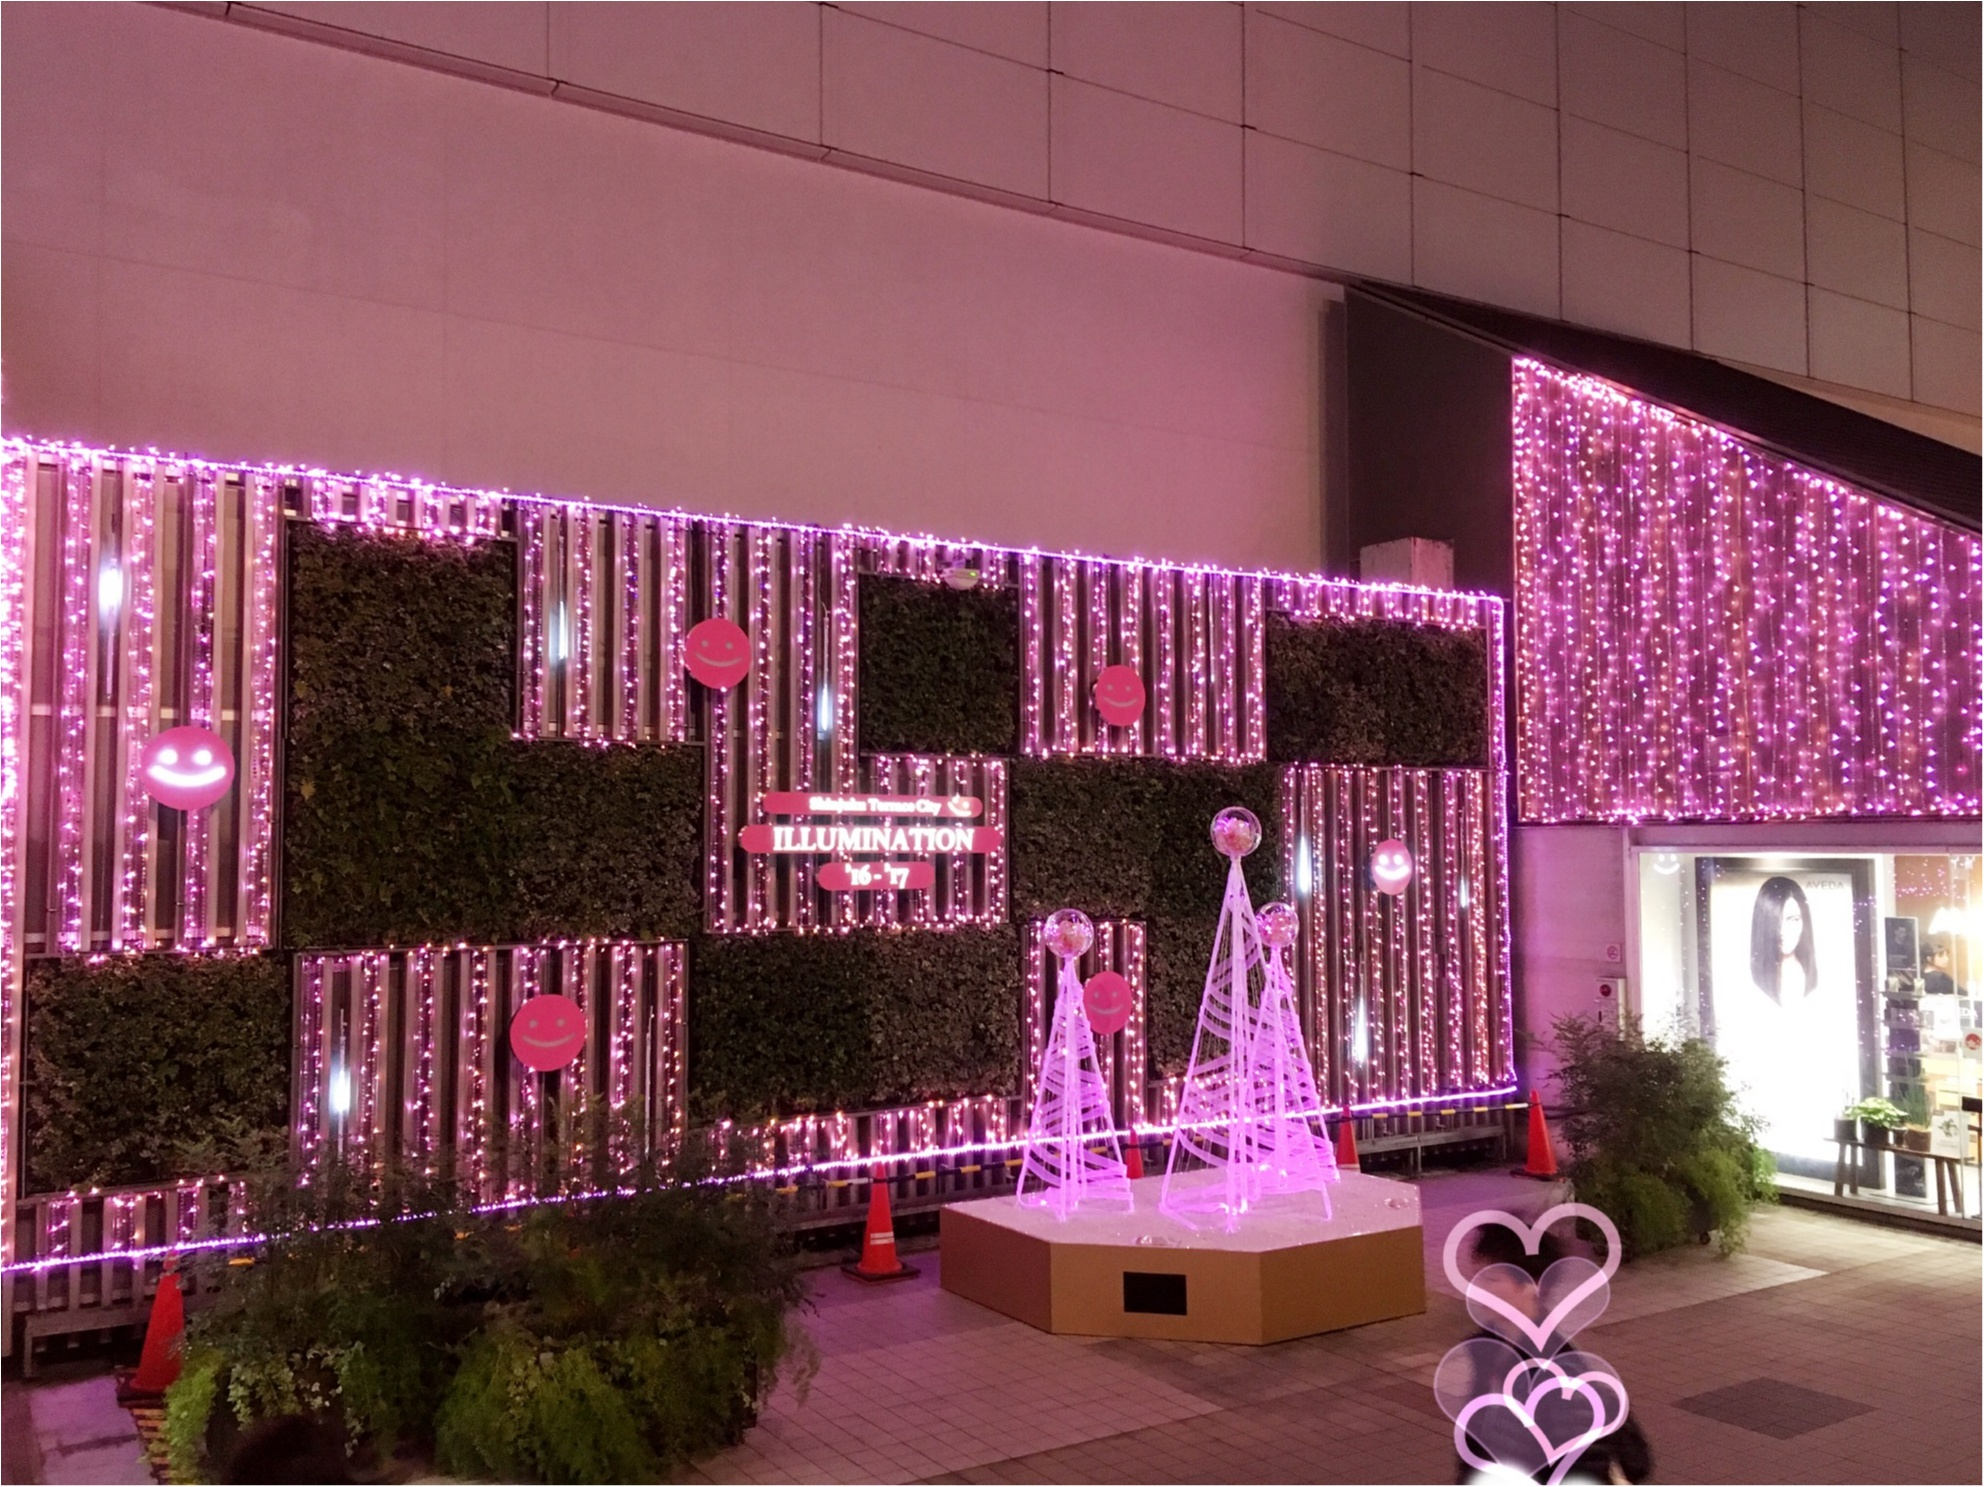 新宿の冬をベビーピンク色に染め上げる♡『新宿テラスシティ』のイルミネーションが女子力高め!体験型の『スマイルタワー』って?♡_2